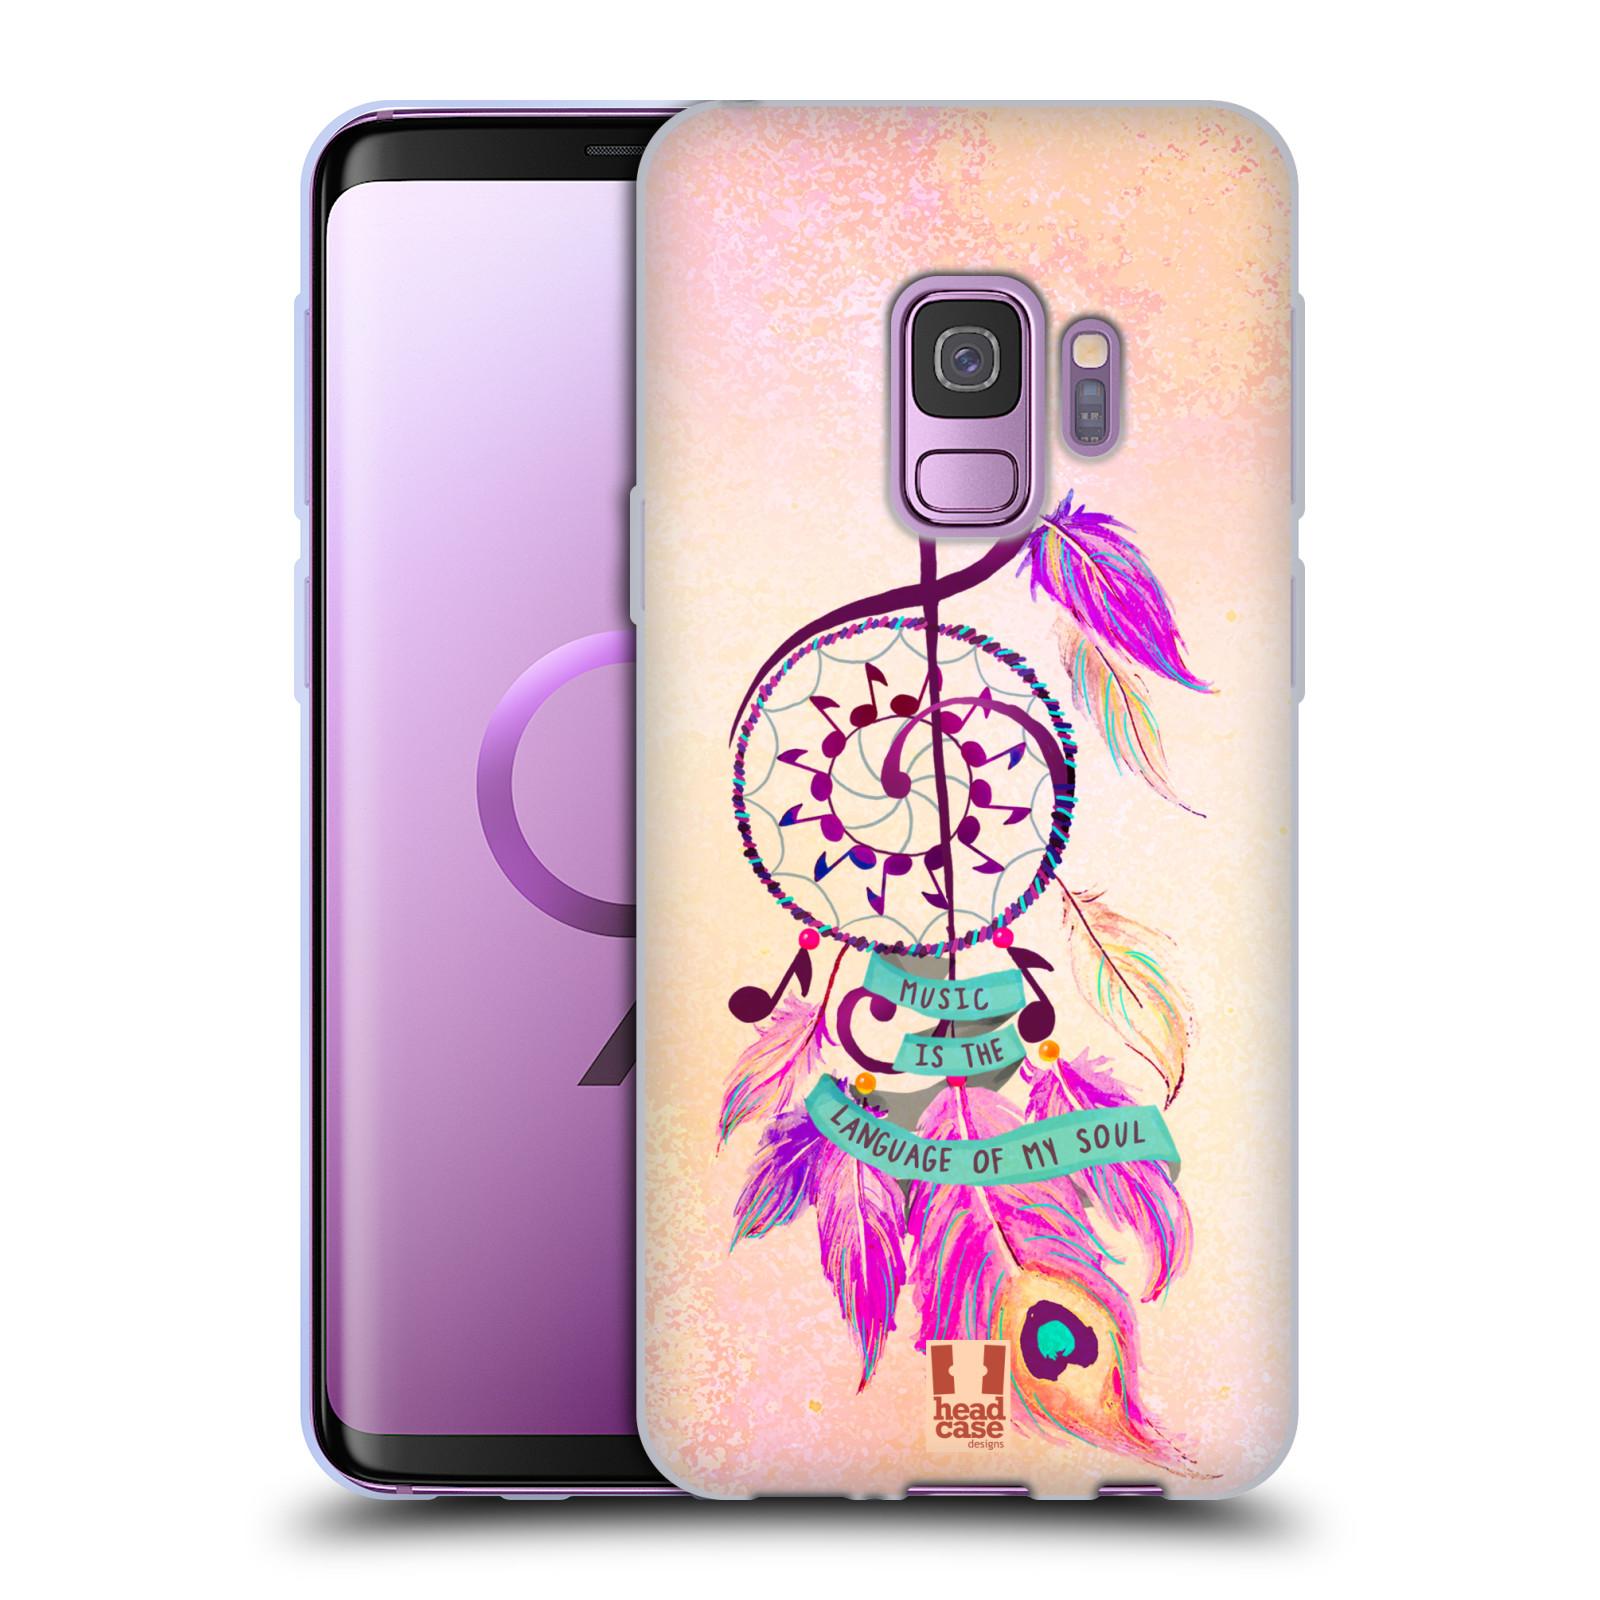 Funda-HEAD-CASE-DESIGNS-CON-Gel-Suave-Surtidos-atrapasuenos-para-telefonos-Samsung-1